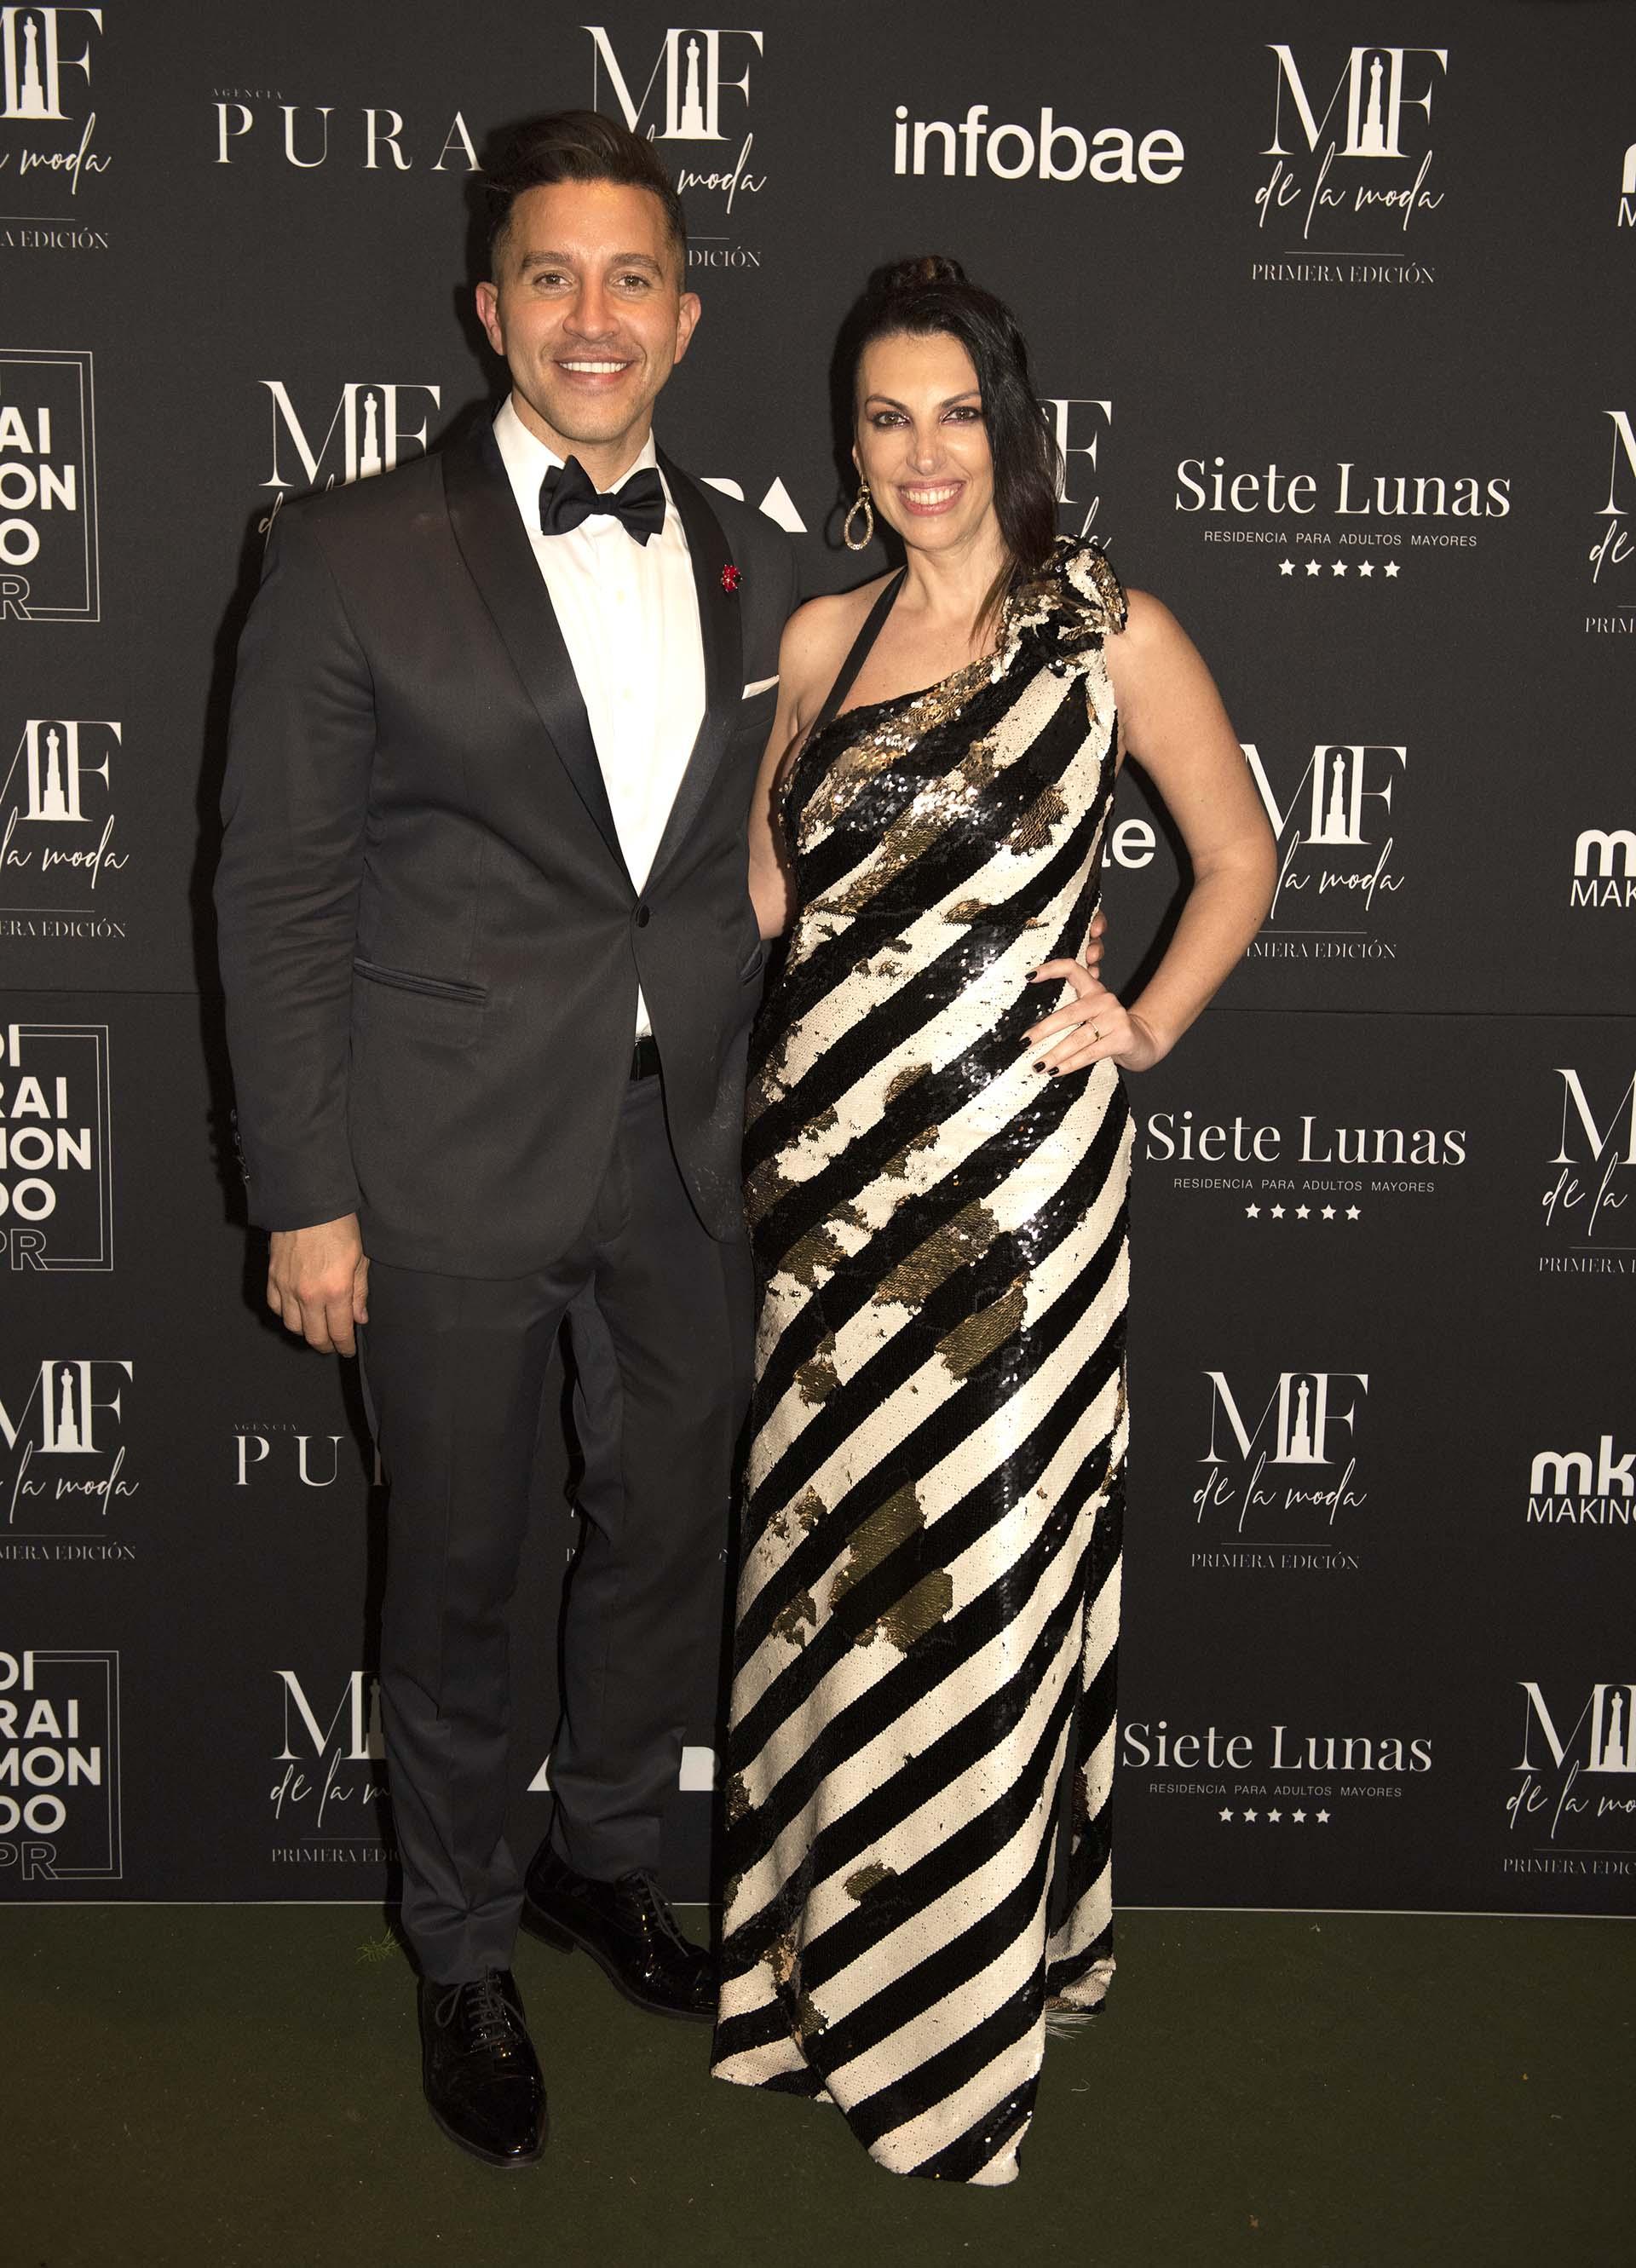 Nicolás Di Raimondo y Lorena Yañez, organizadores de Martín Fierro de la moda 2019. Yañez lució un vestido de la diseñadora María Gorof